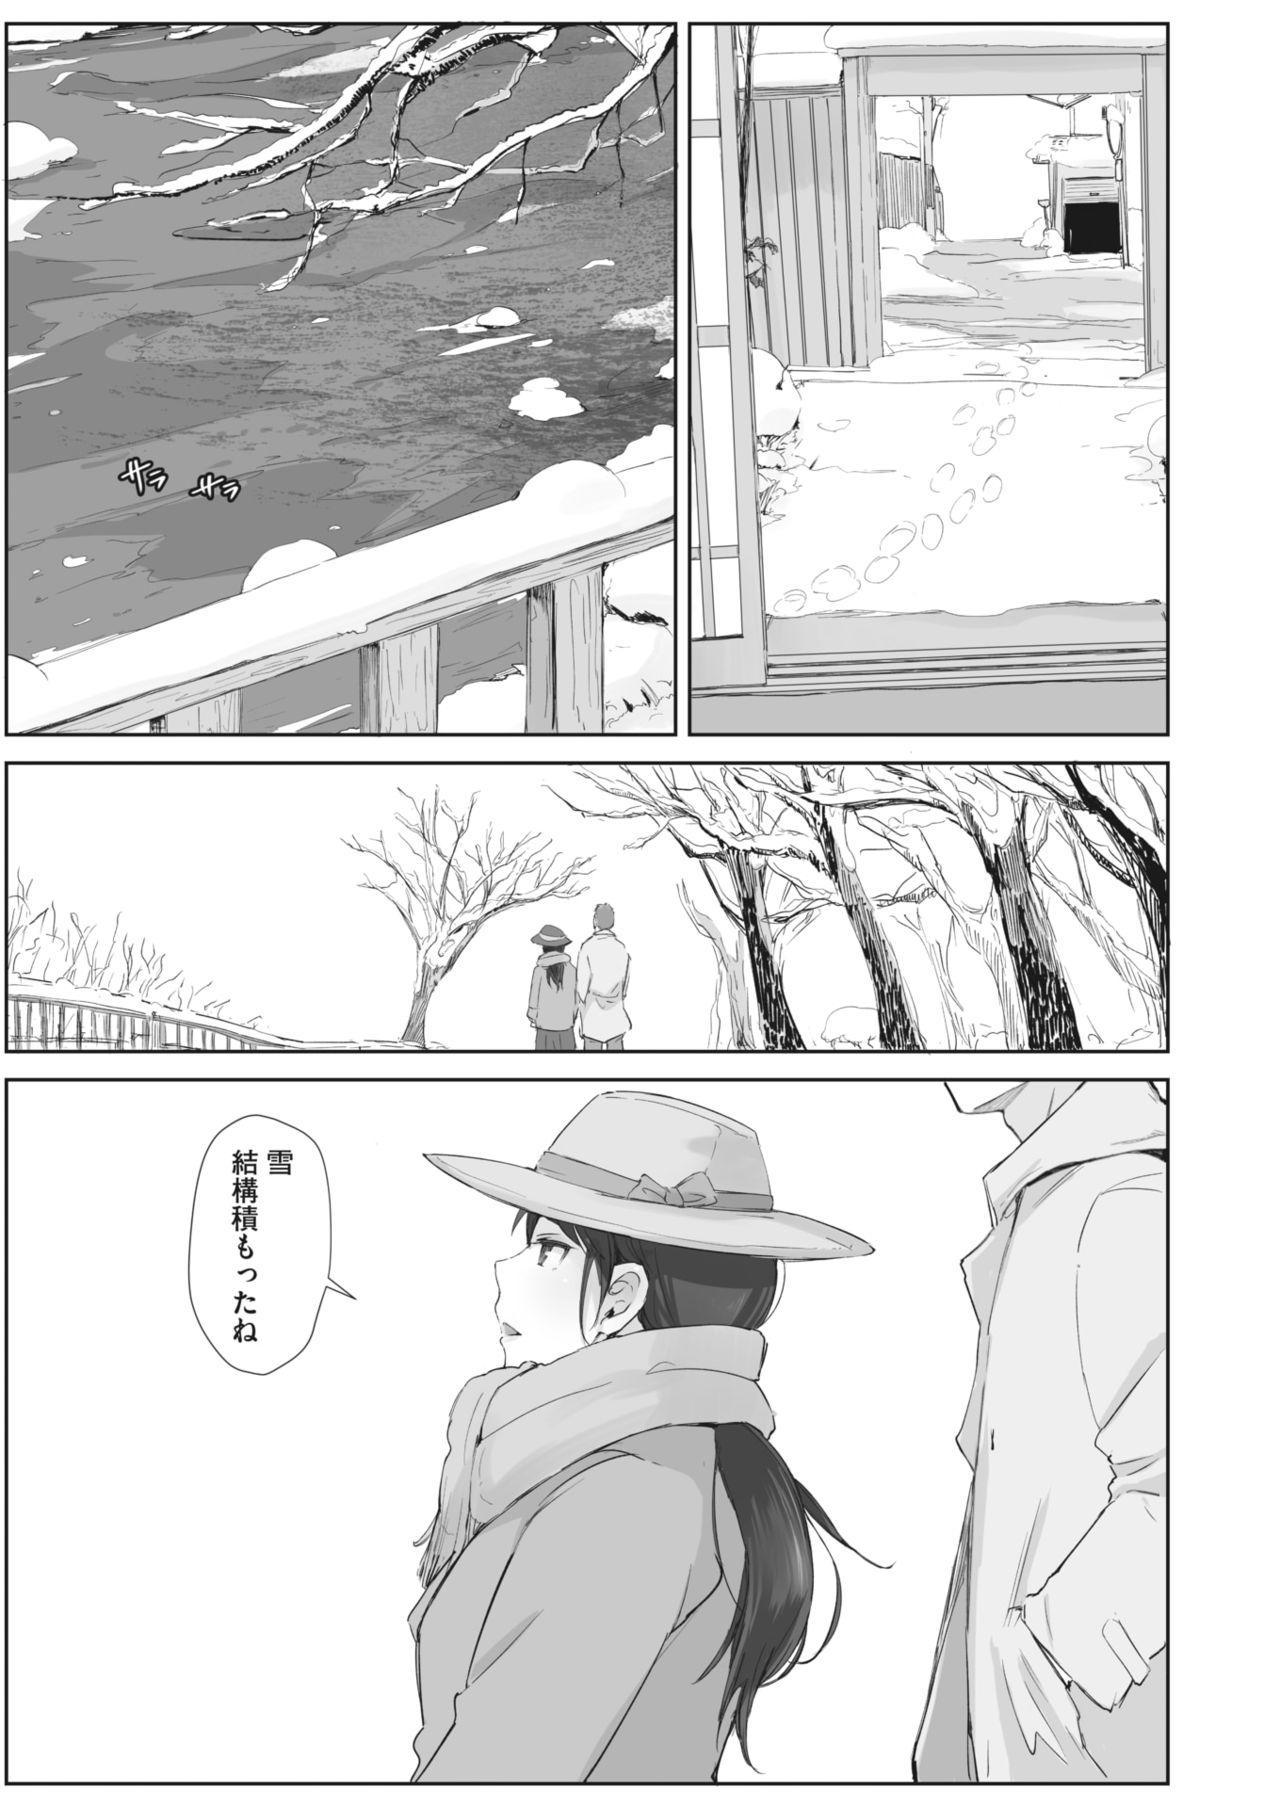 Kawa no Tsumetasa wa Haru no Otozure 1-4 106